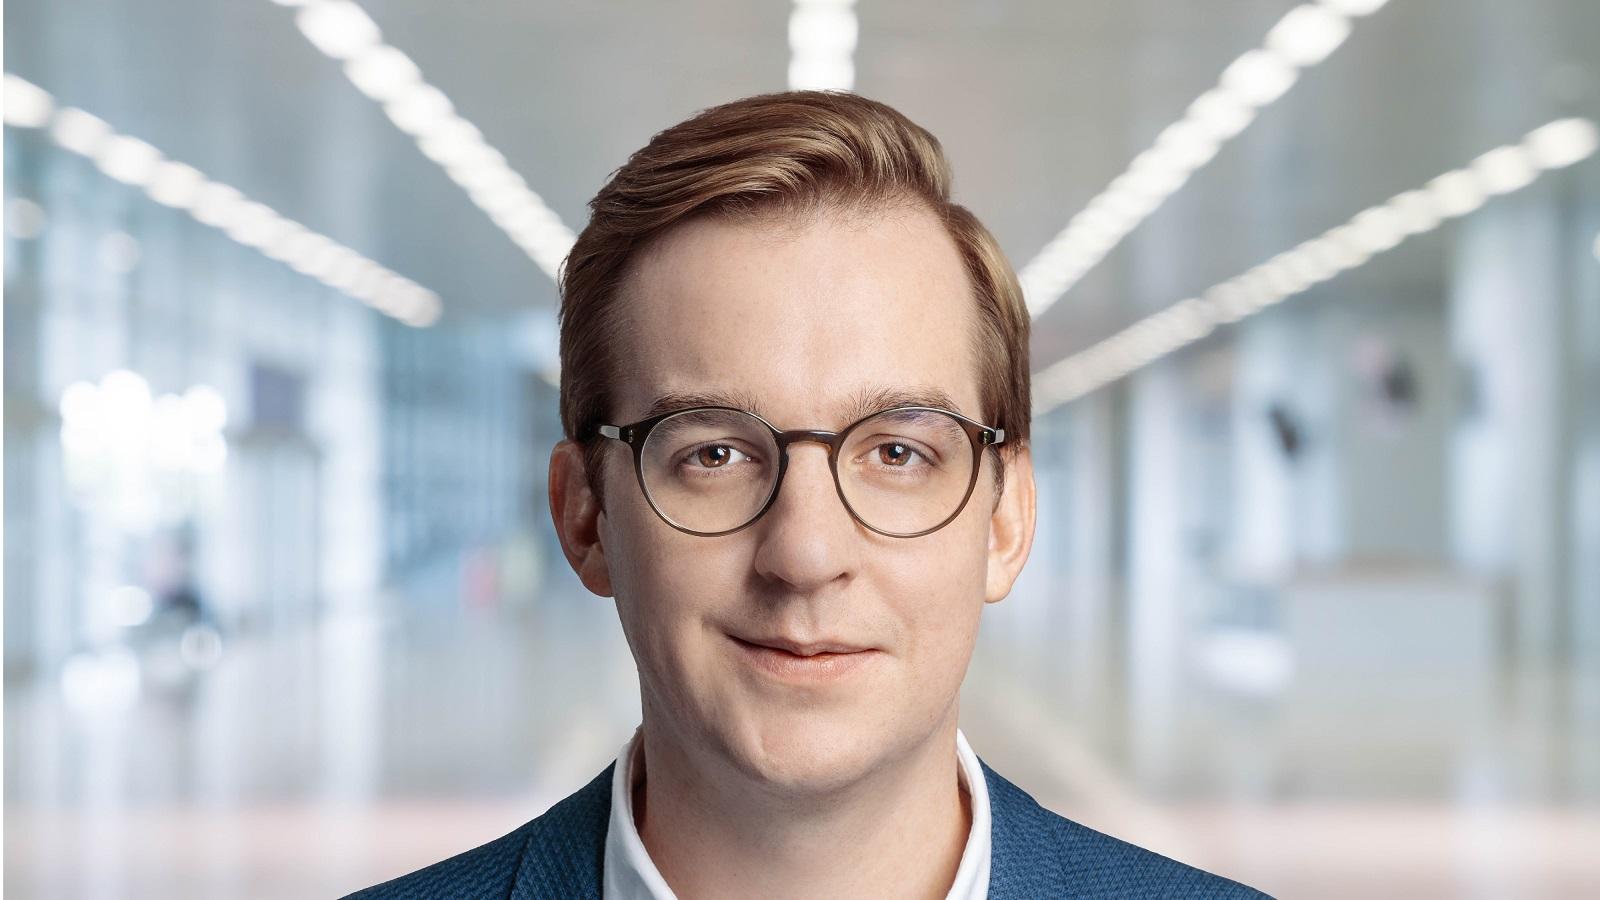 Marian Gerster: Neuer Director bei Saxenhammer & Co.